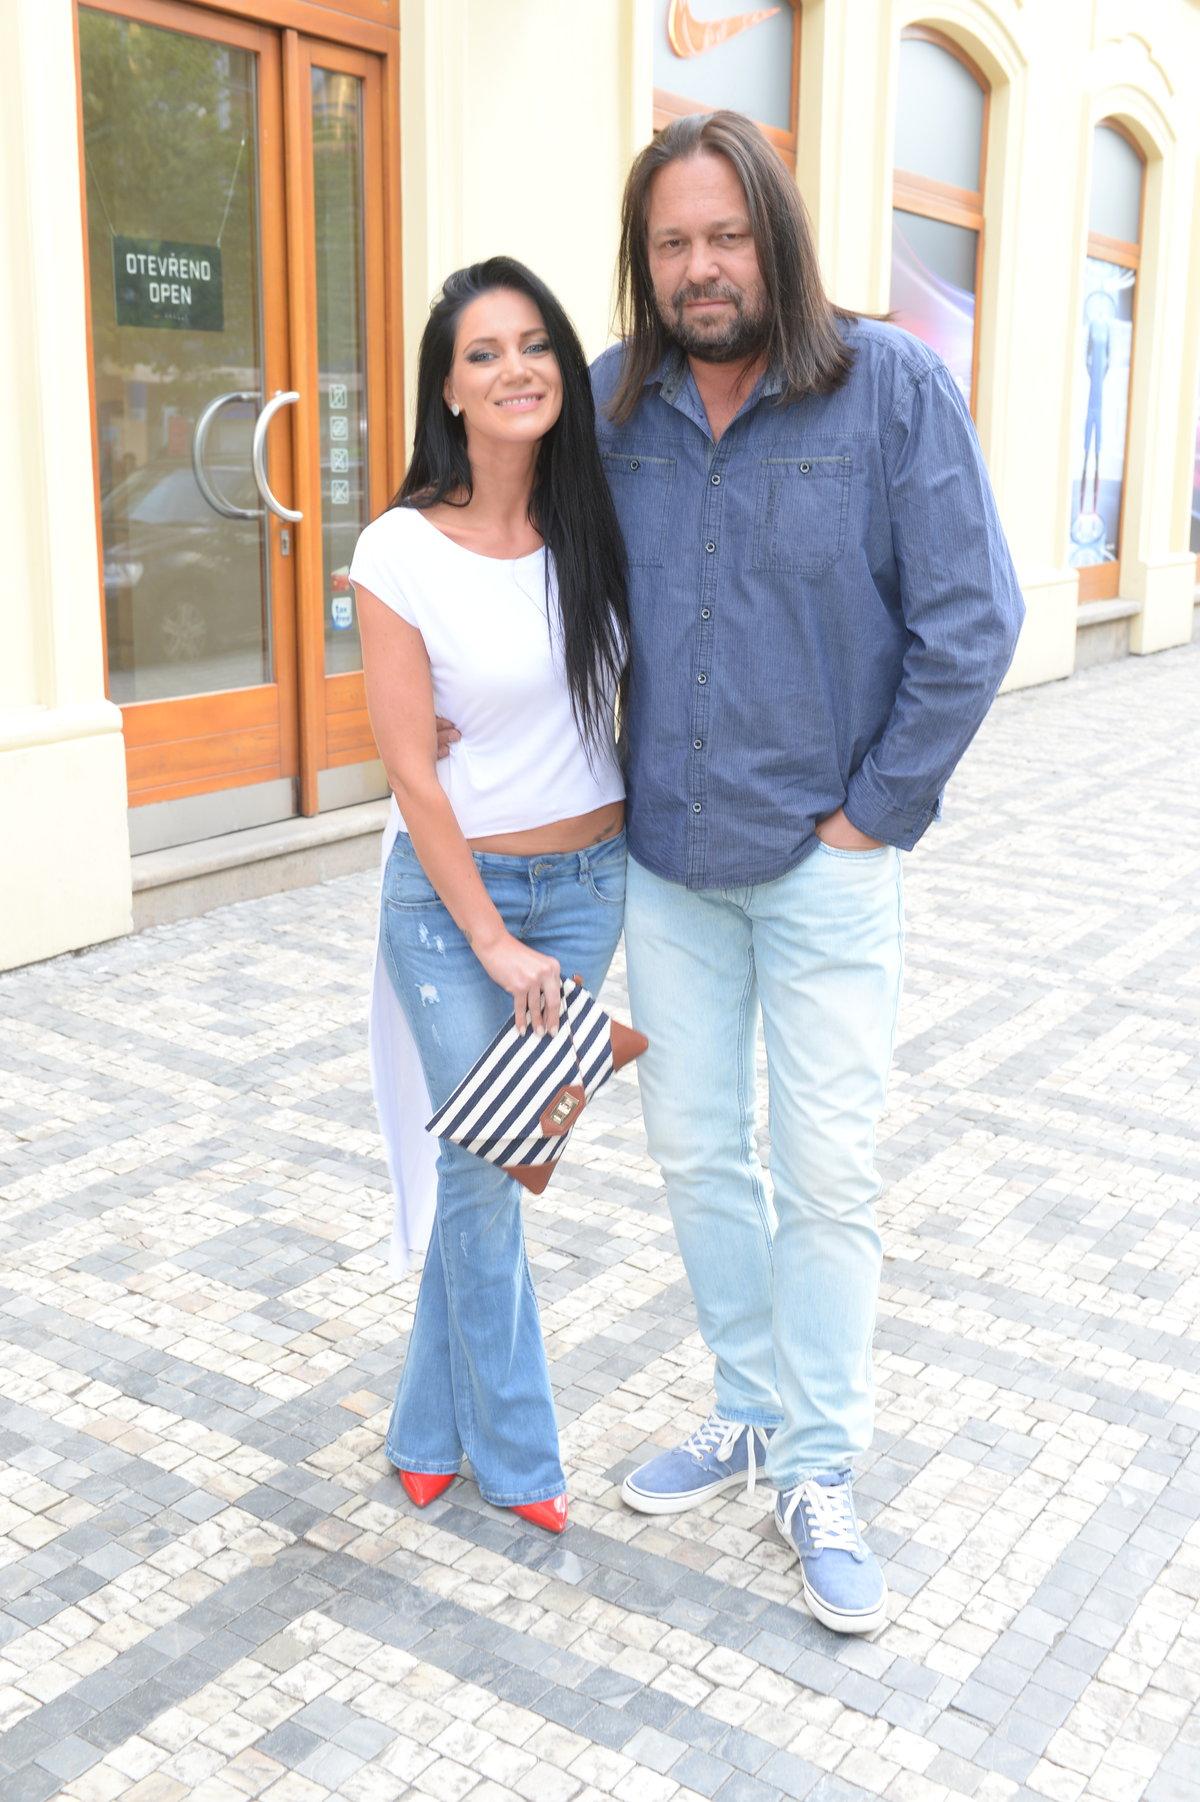 Manželé Jiří a Andrea Pomeje